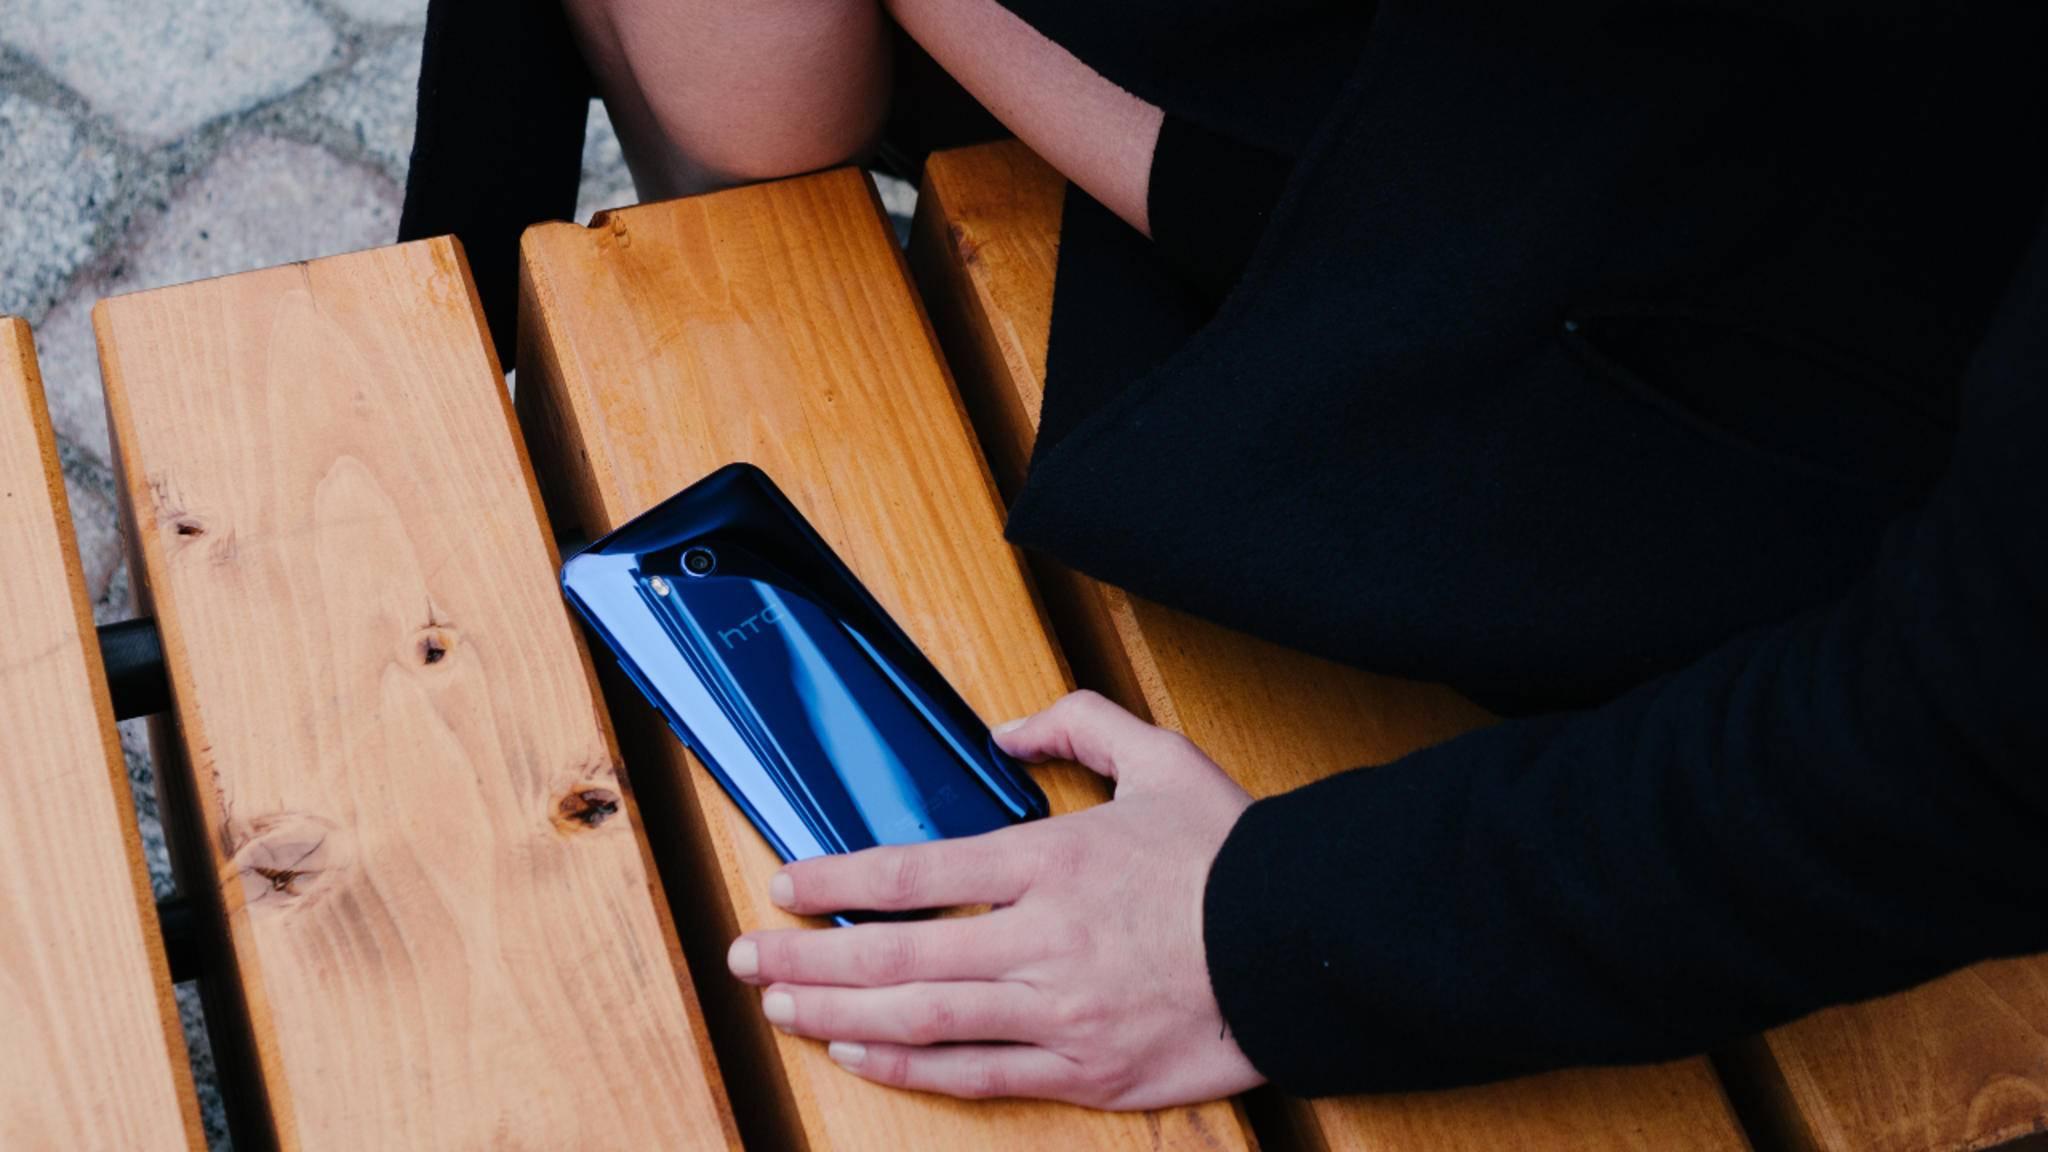 Einfach mal den Rahmen drücken: Wir erklären, wie Du Edge Sense auf dem HTC U11 nutzen kannst.